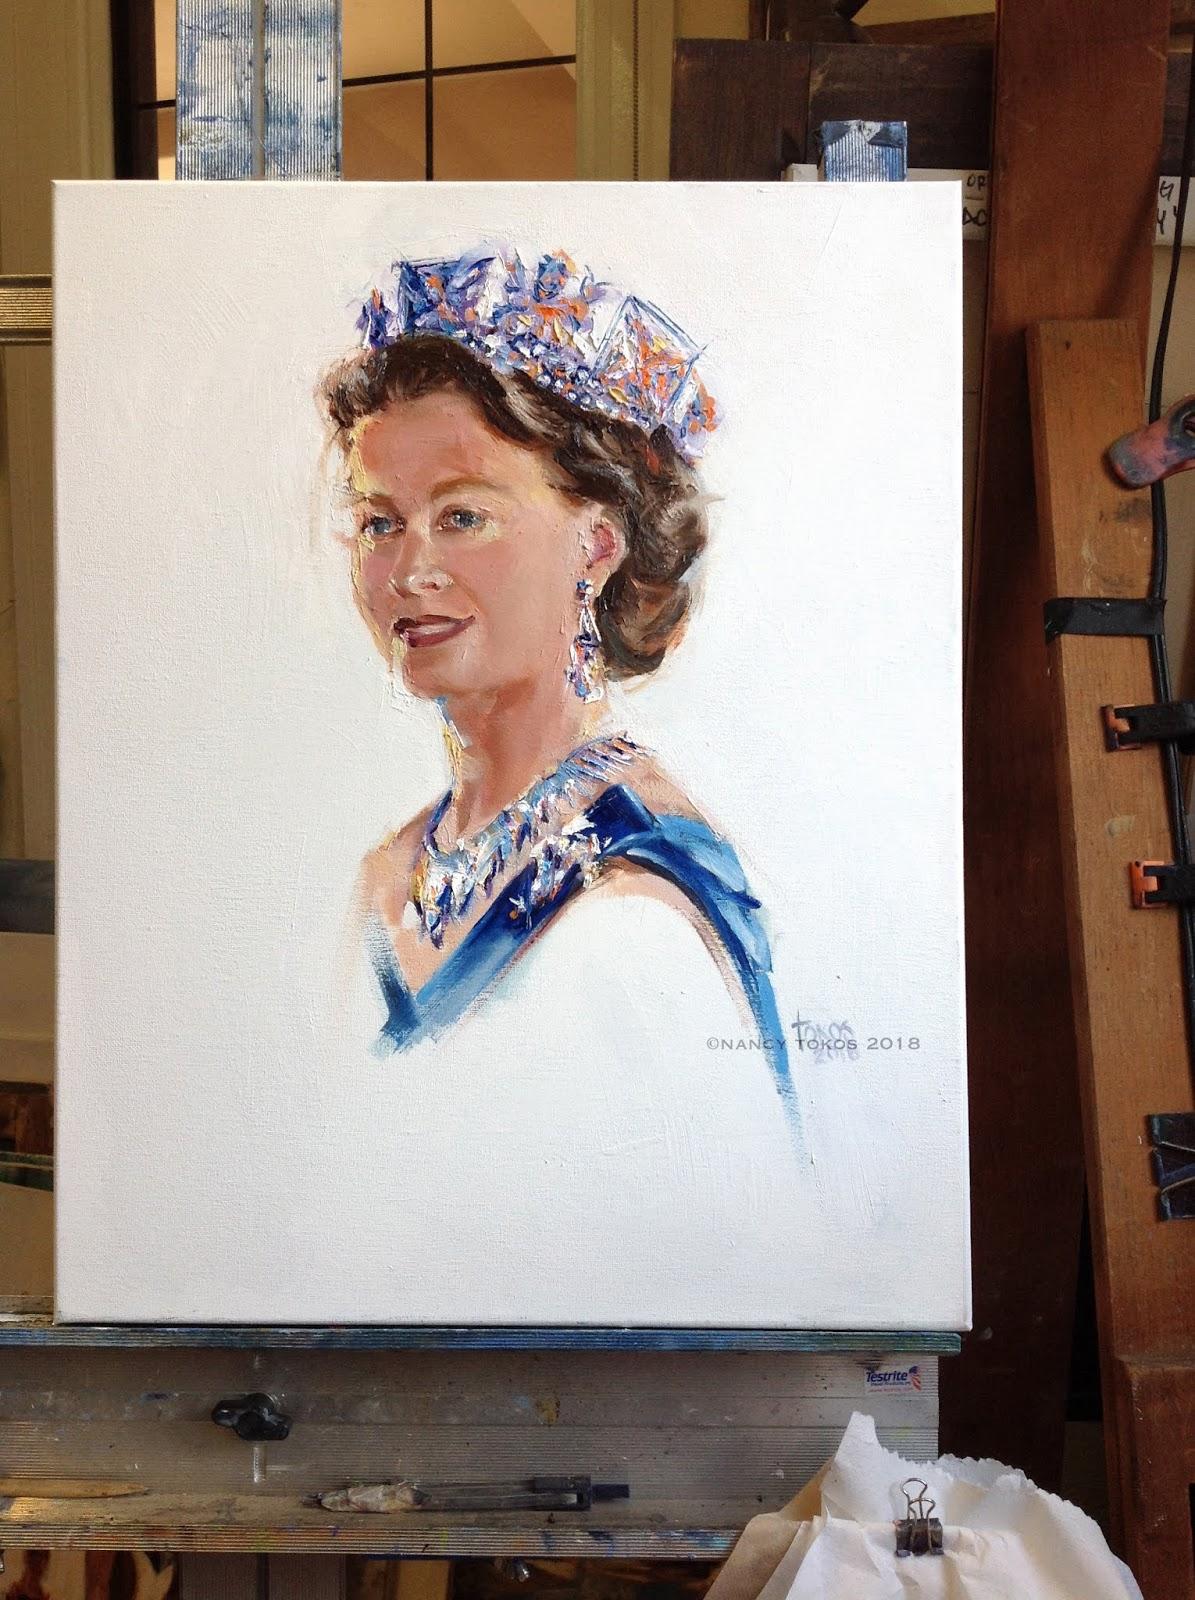 Portraits4all Tokos Fine Art Young Queen Elizabeth Ii